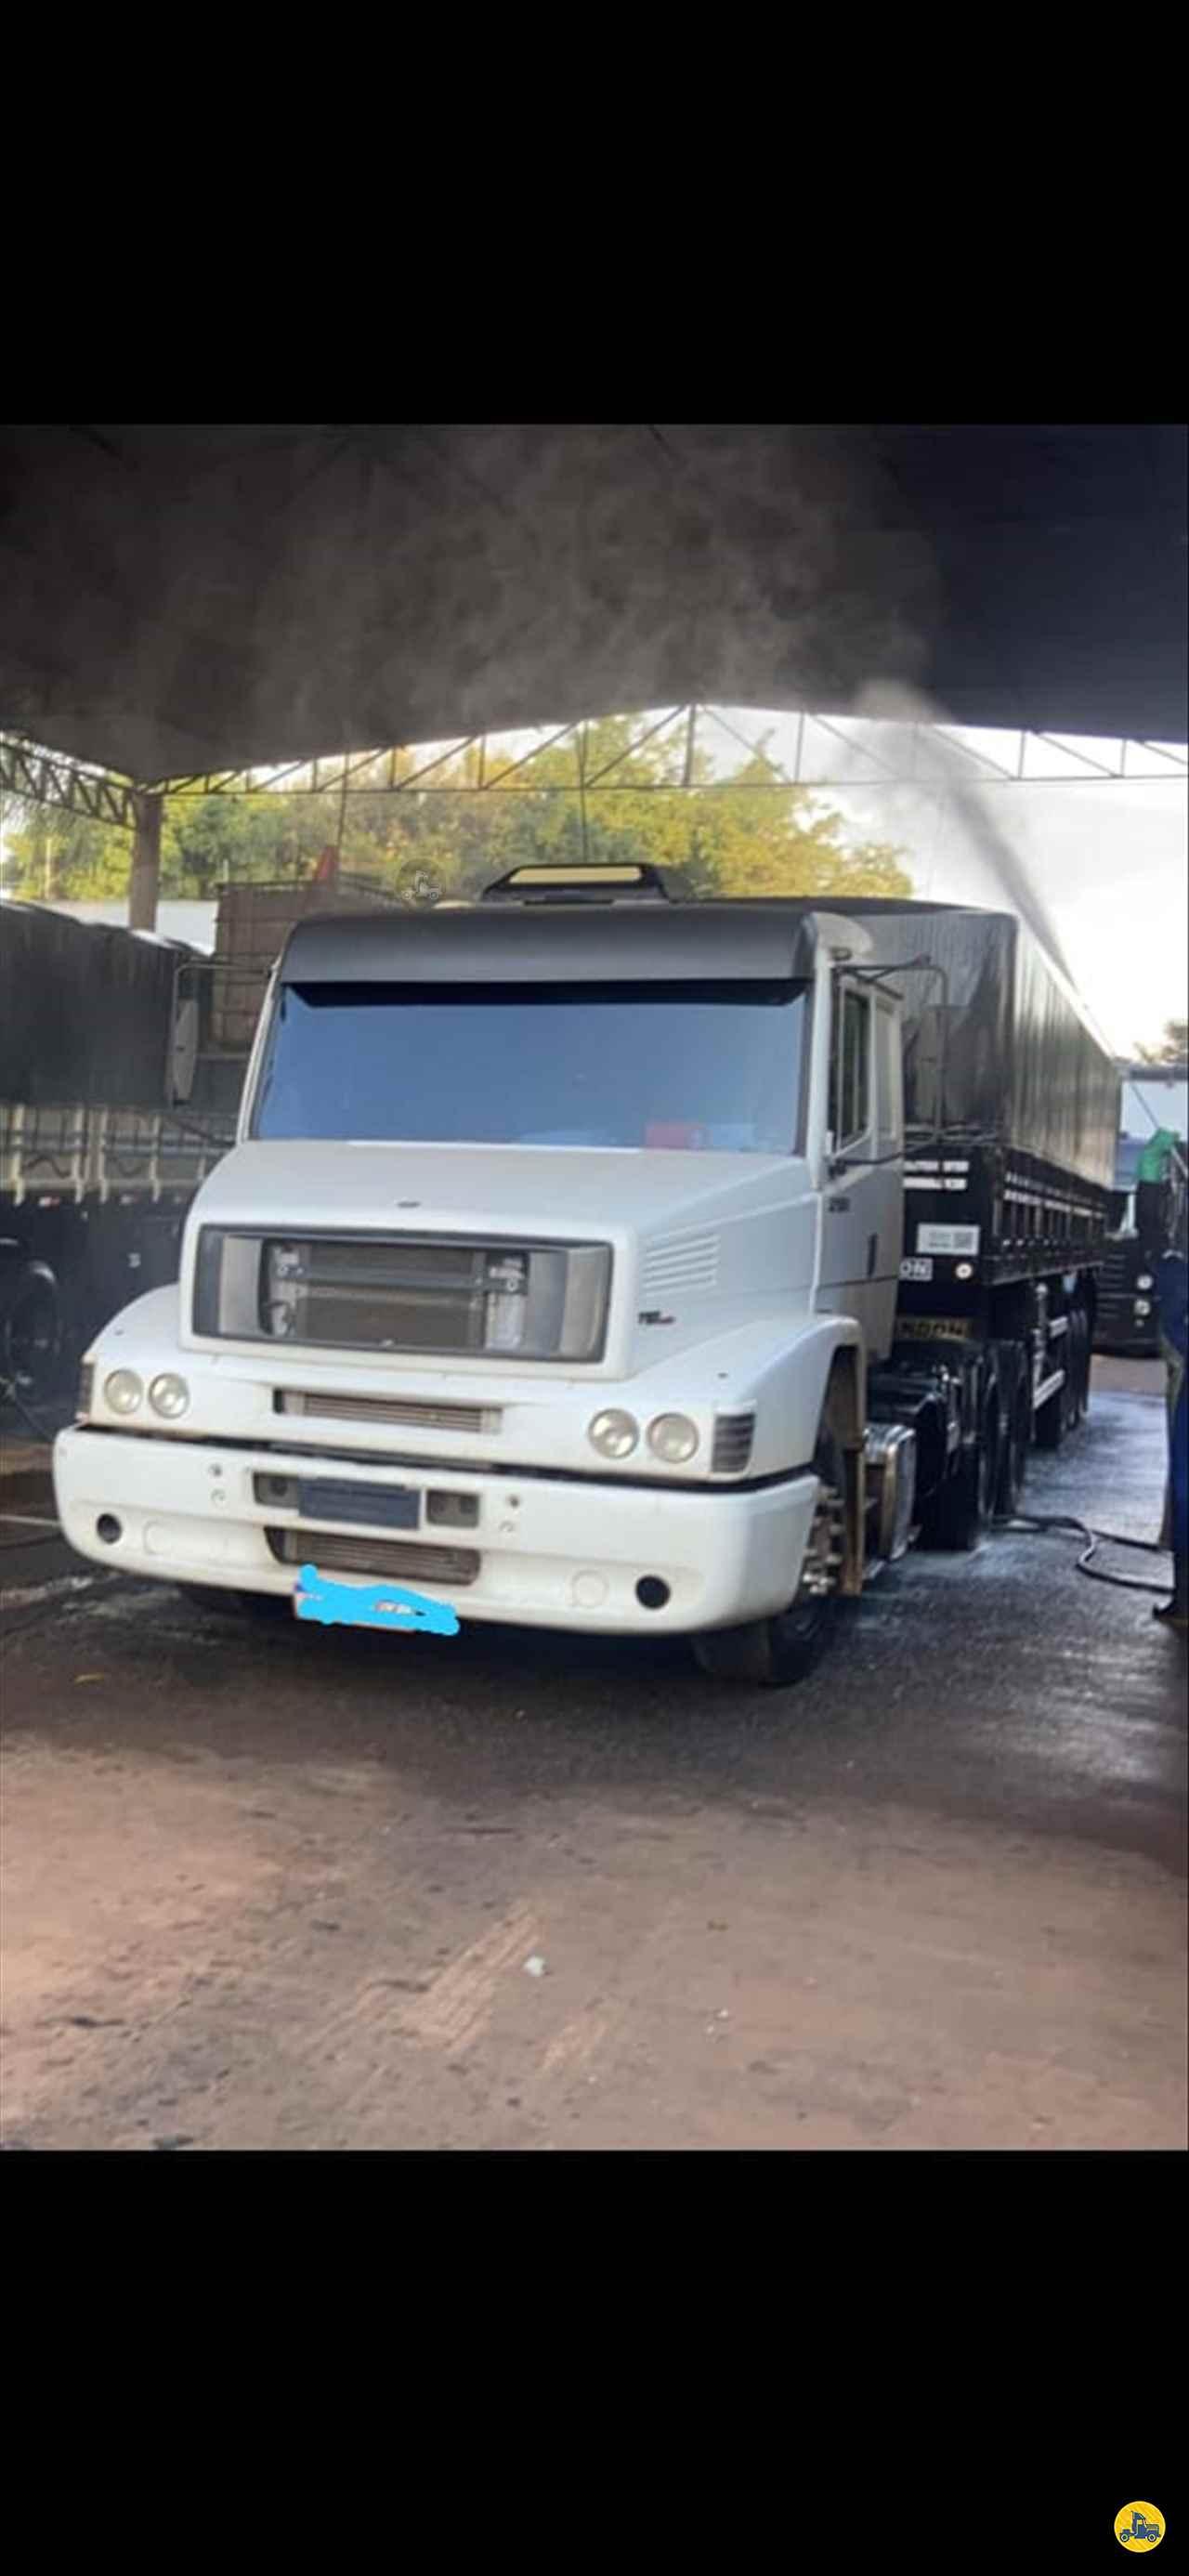 CAMINHAO MERCEDES-BENZ MB 1634 Cavalo Mecânico Truck 6x2 Cotral Caminhões SERRA DO SALITRE MINAS GERAIS MG